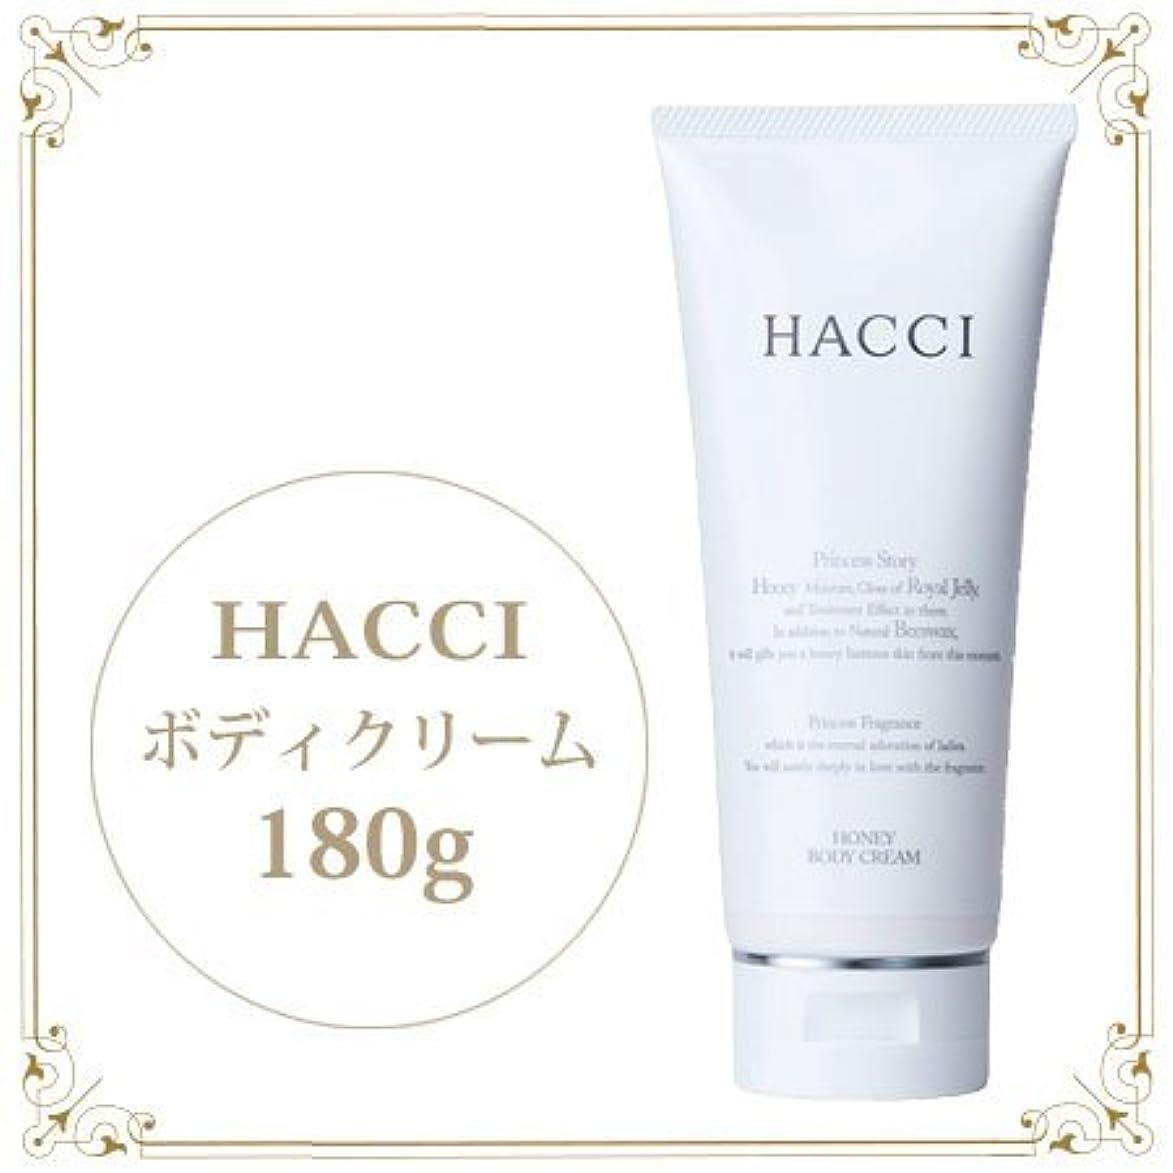 ヒステリック確実失態ハッチ ボディクリーム 180g -HACCI 1912-